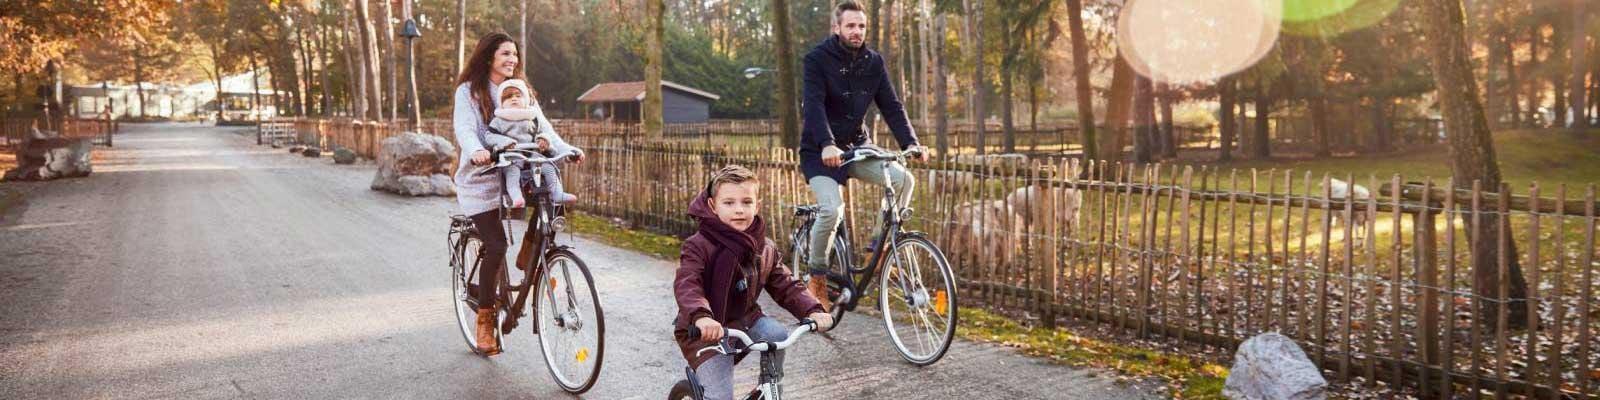 Gratis 2 fietsen bij een Premium cottage KV1259921600x400heropeningvakantieparkenoffnungferienparksV2.jpg